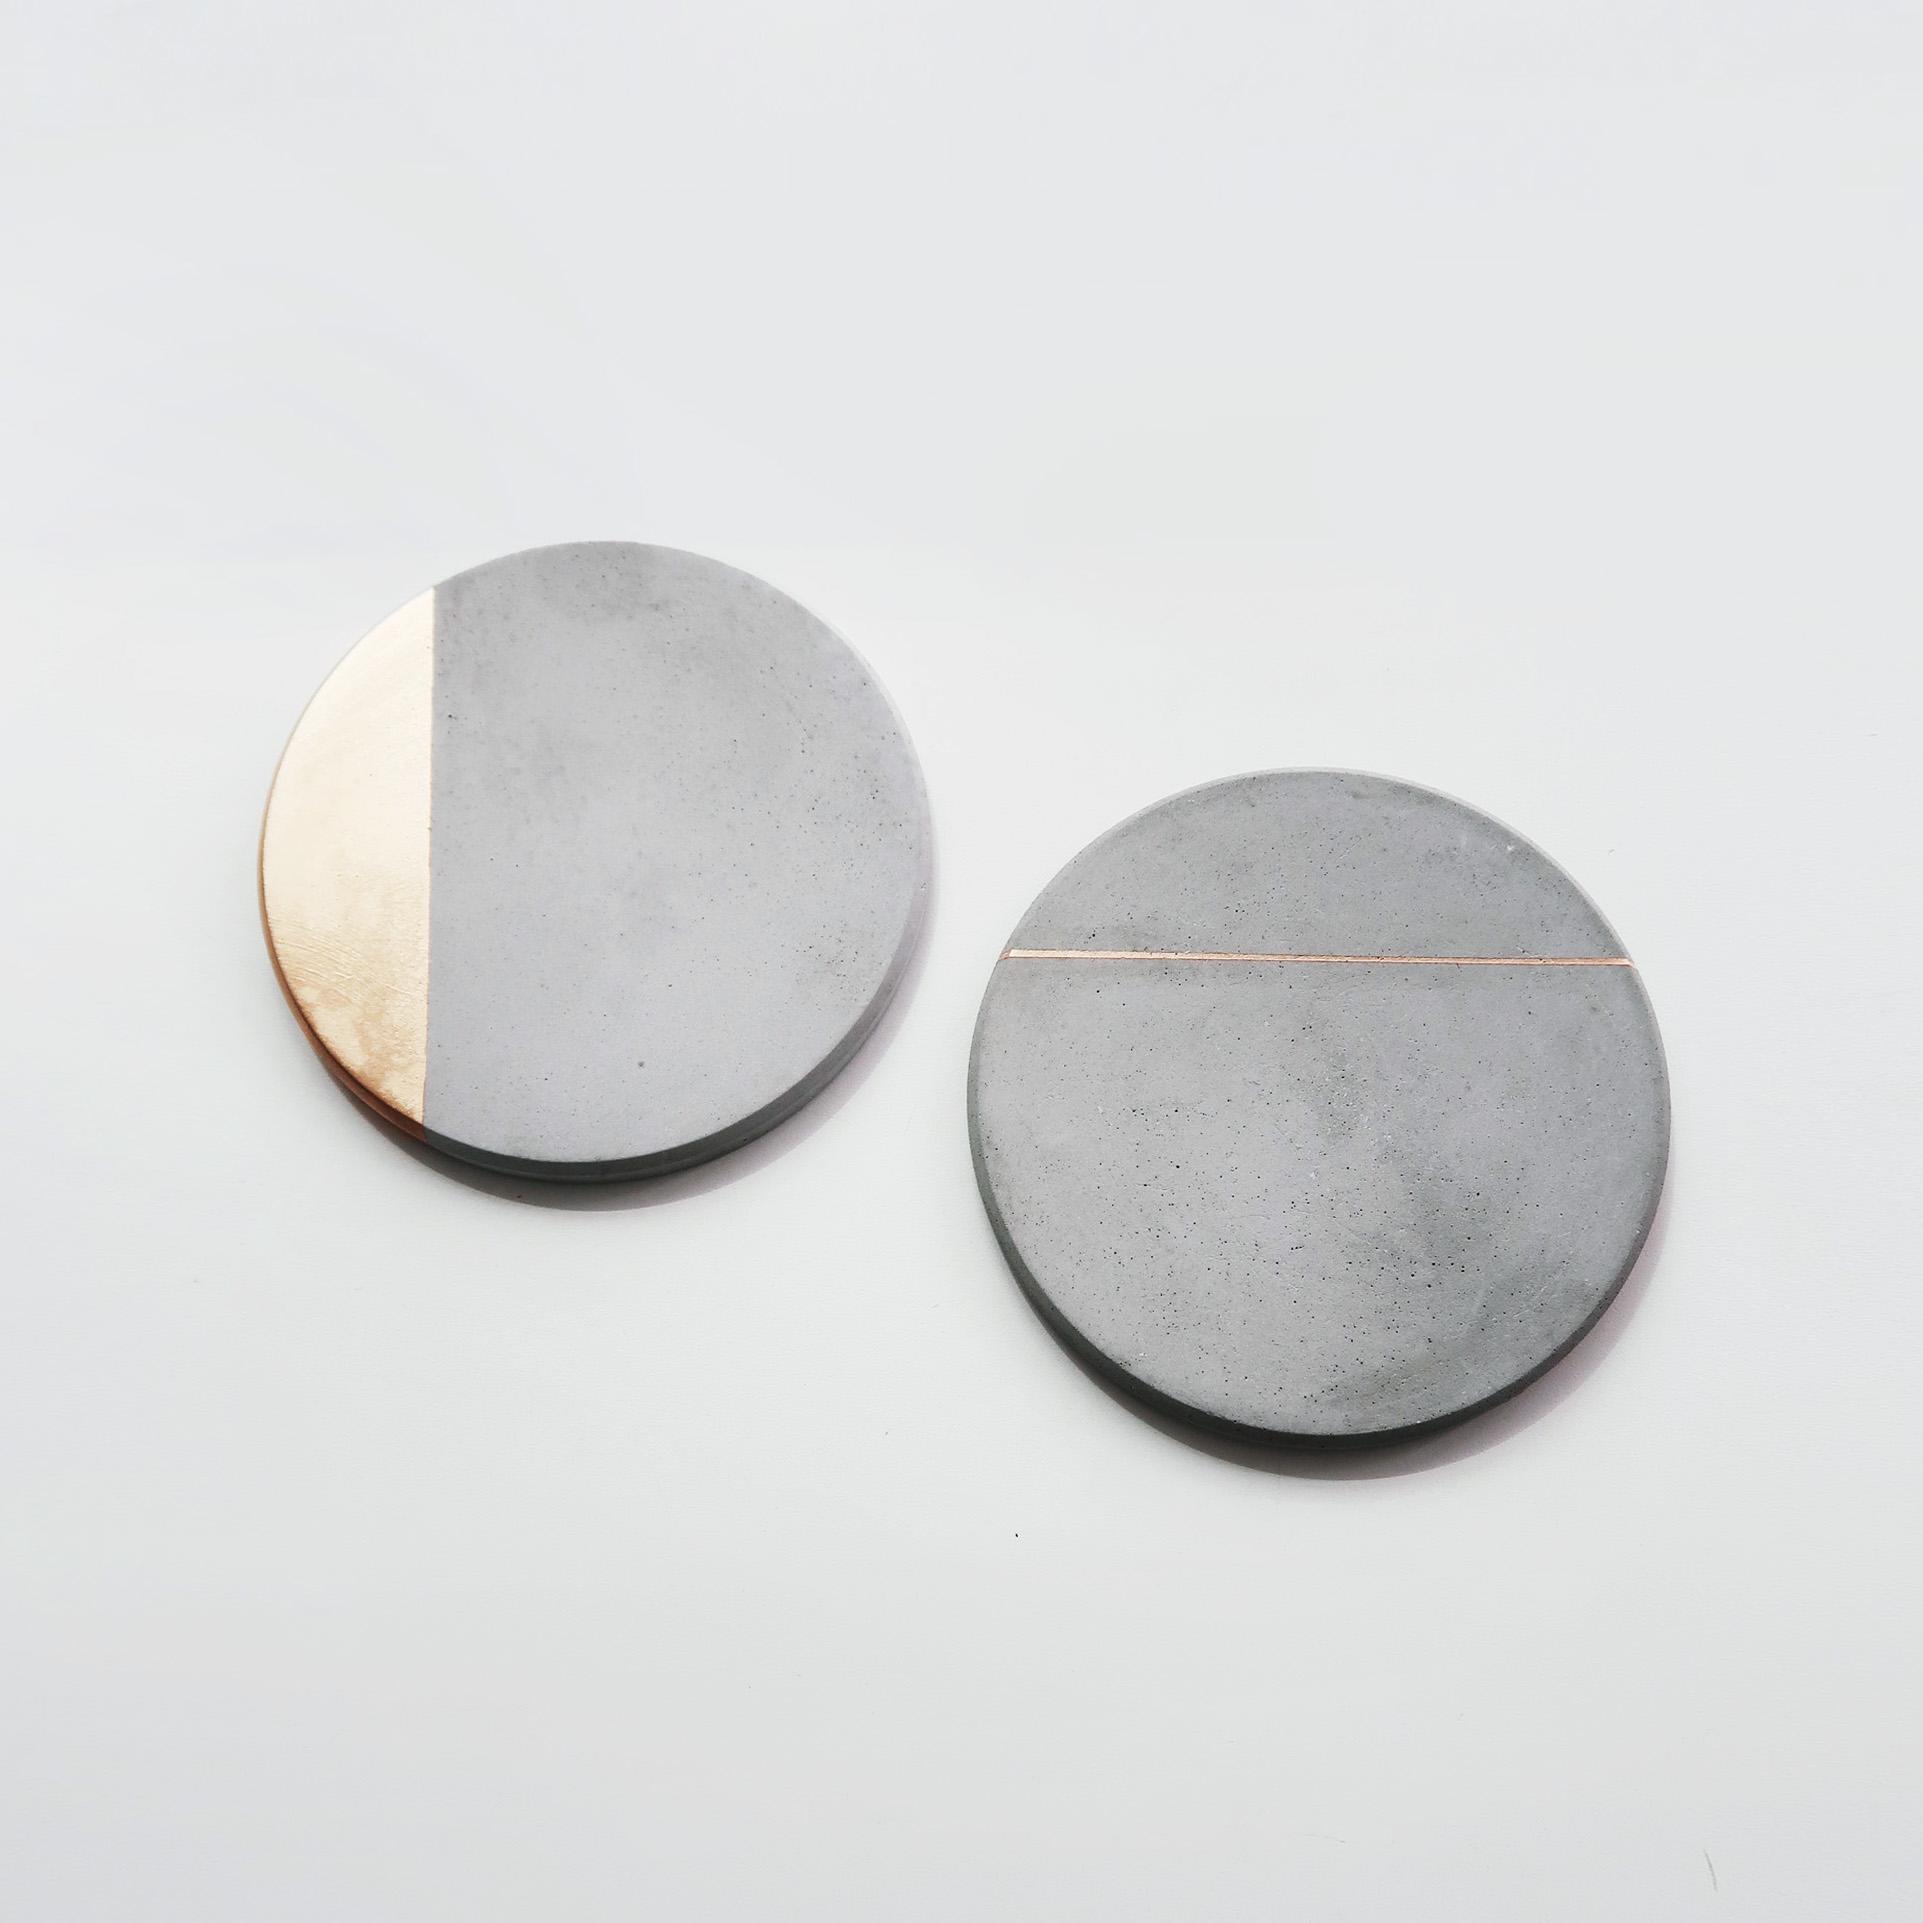 Jewelry Dish  曙光金線倒角設計水泥圓墊・飾品陳列・設計禮物